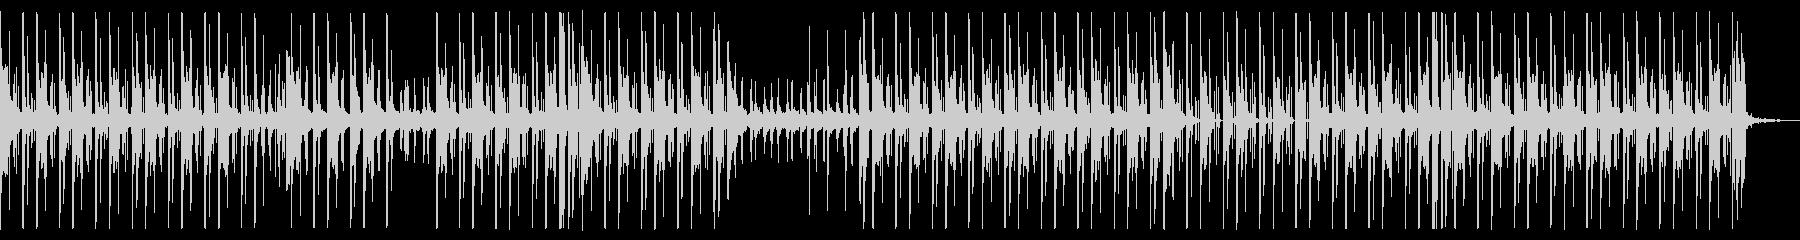 シンプルで不良っぽいヒップホップの未再生の波形